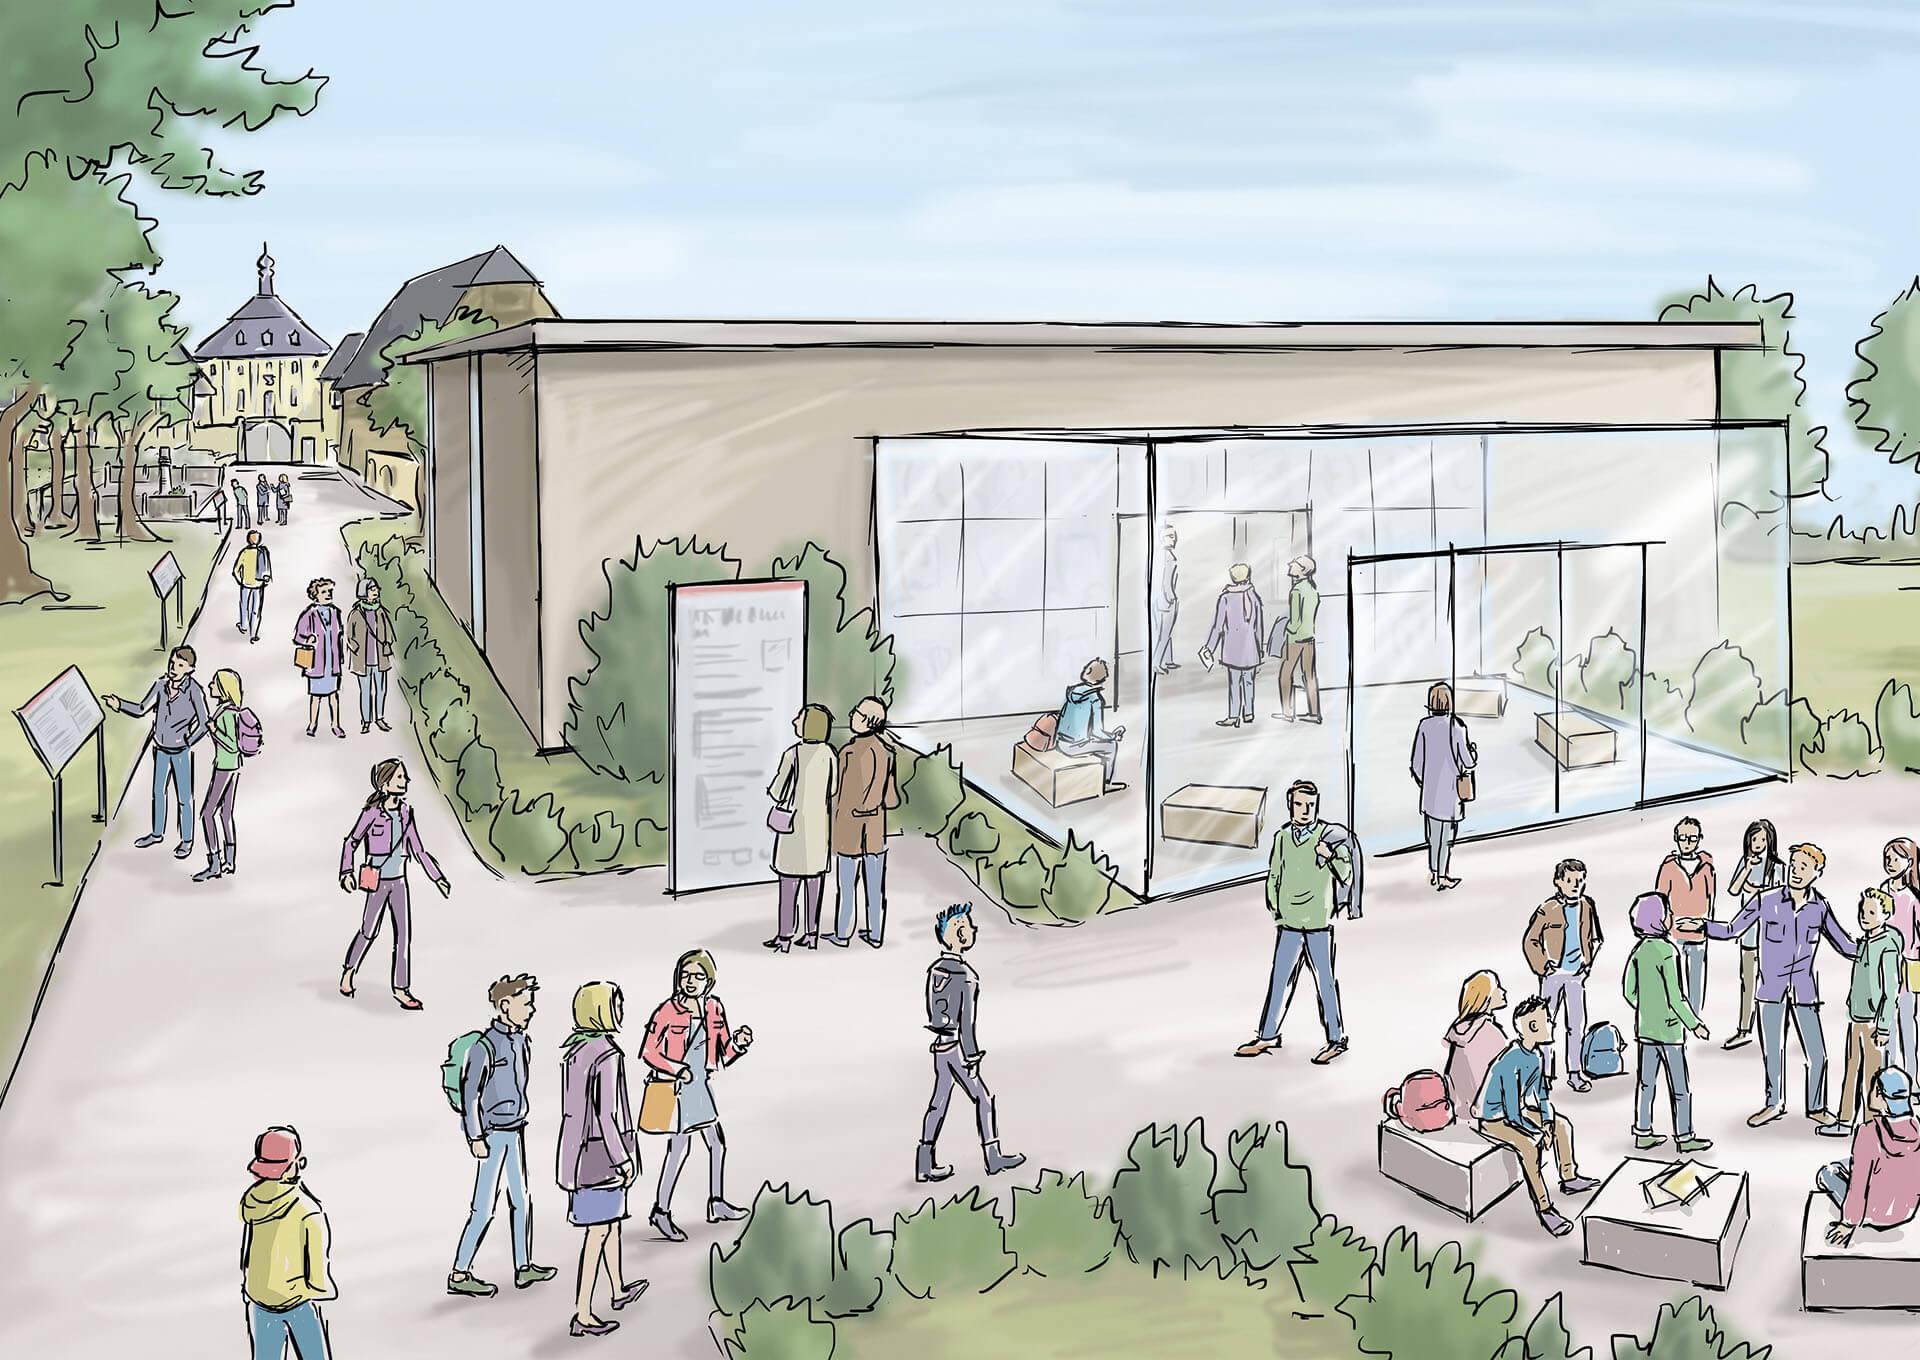 Lernort Kislau: Konzeptentwurf für den geplanten Neubau auf dem Gelände vor dem Schloss Kislau